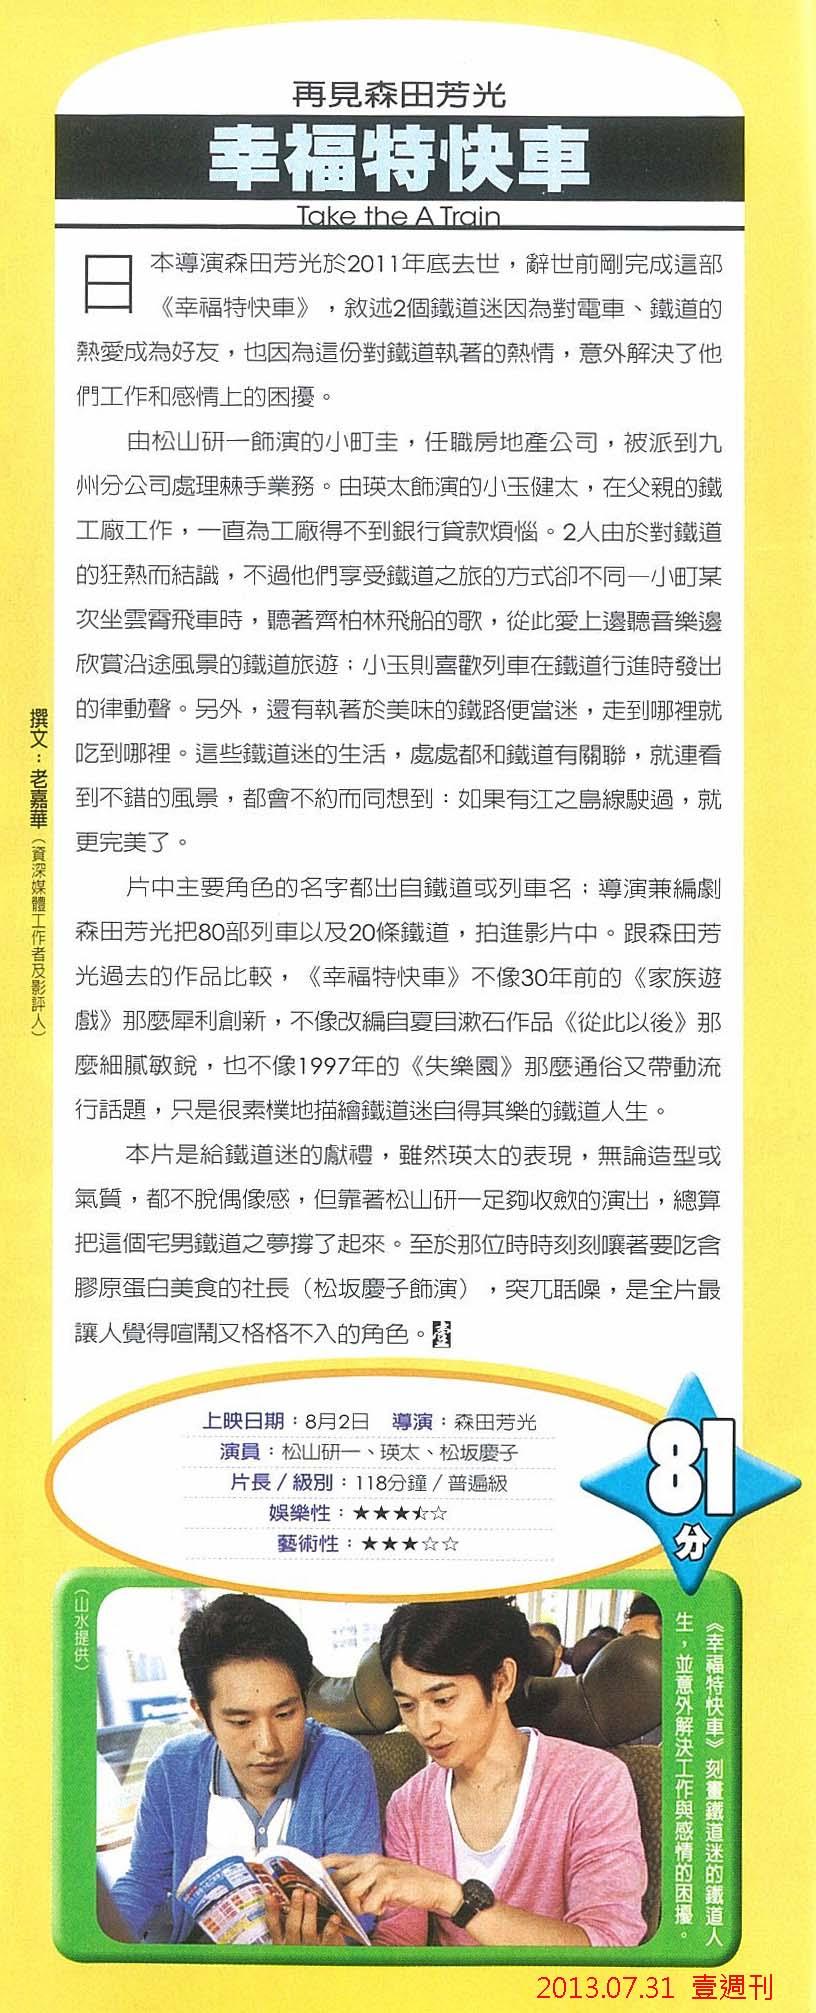 MG露出_2013.07.31_《幸福特快車》_壹週刊_影評